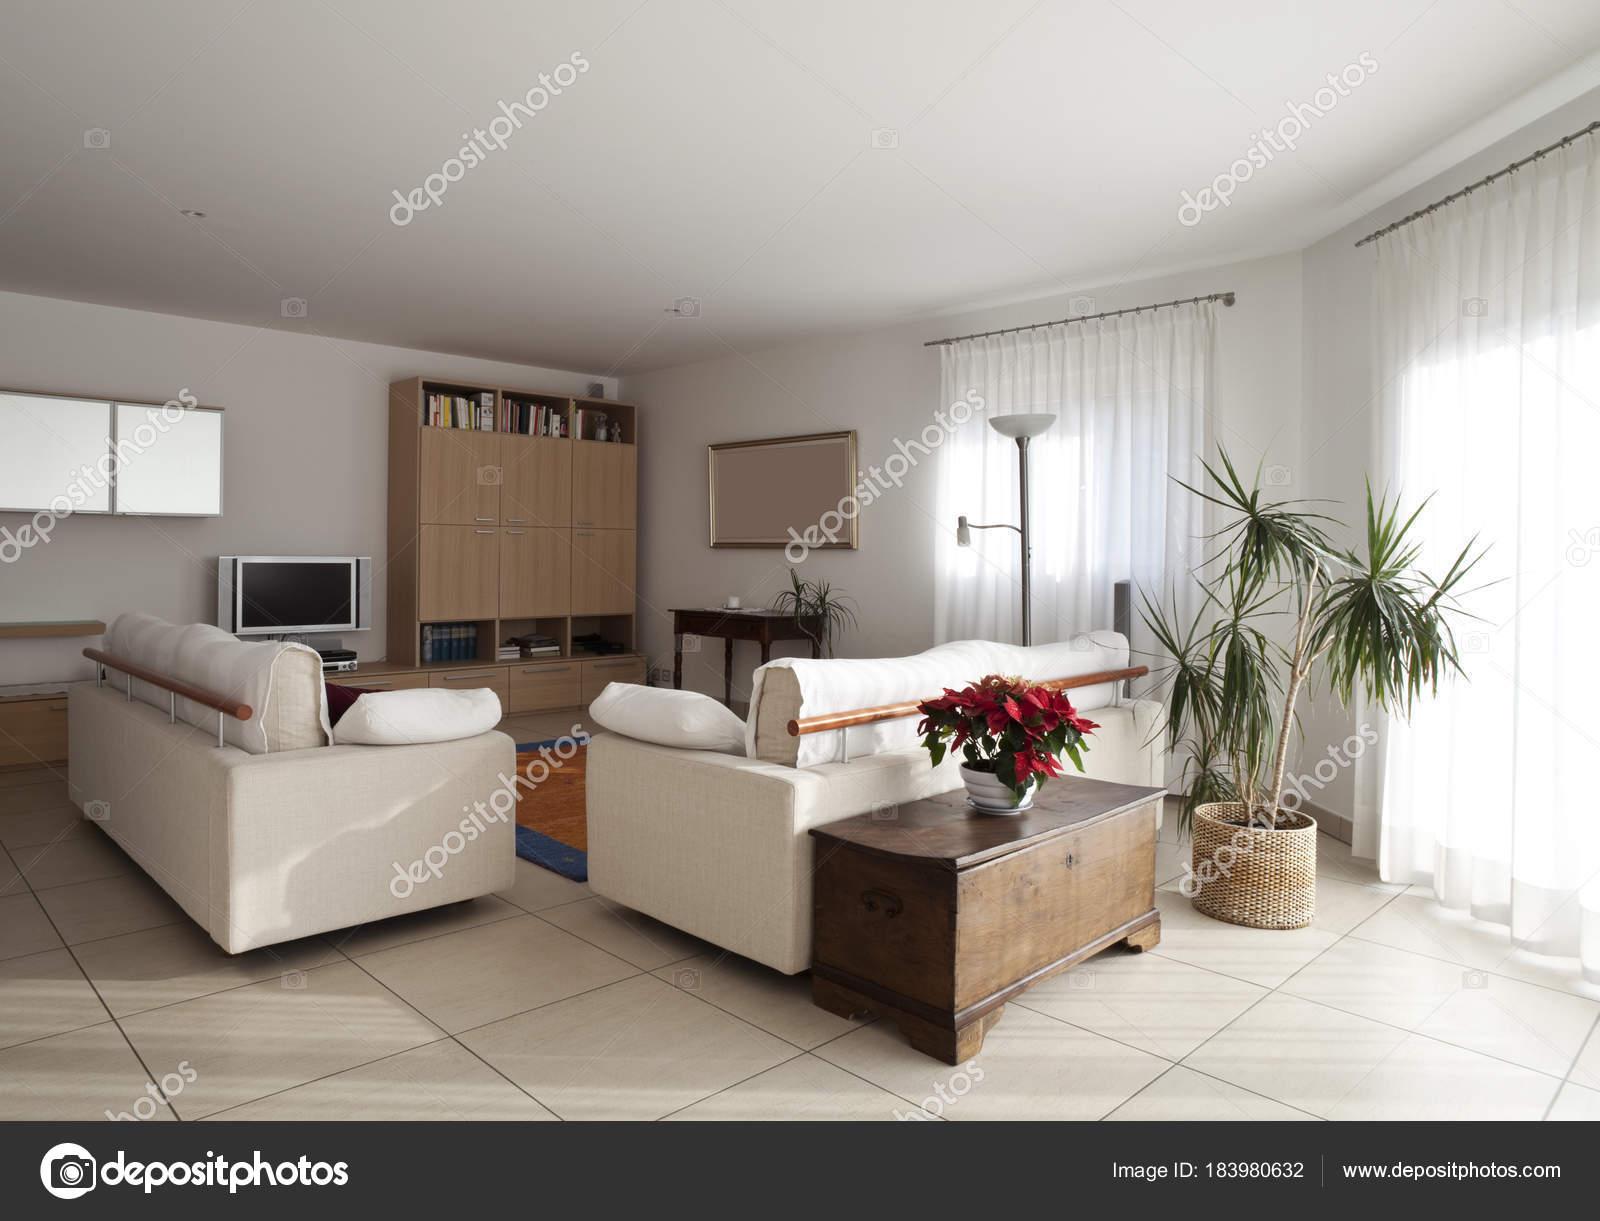 gezellige woonkamer hoek door de ramen — Stockfoto © Zveiger #183980632